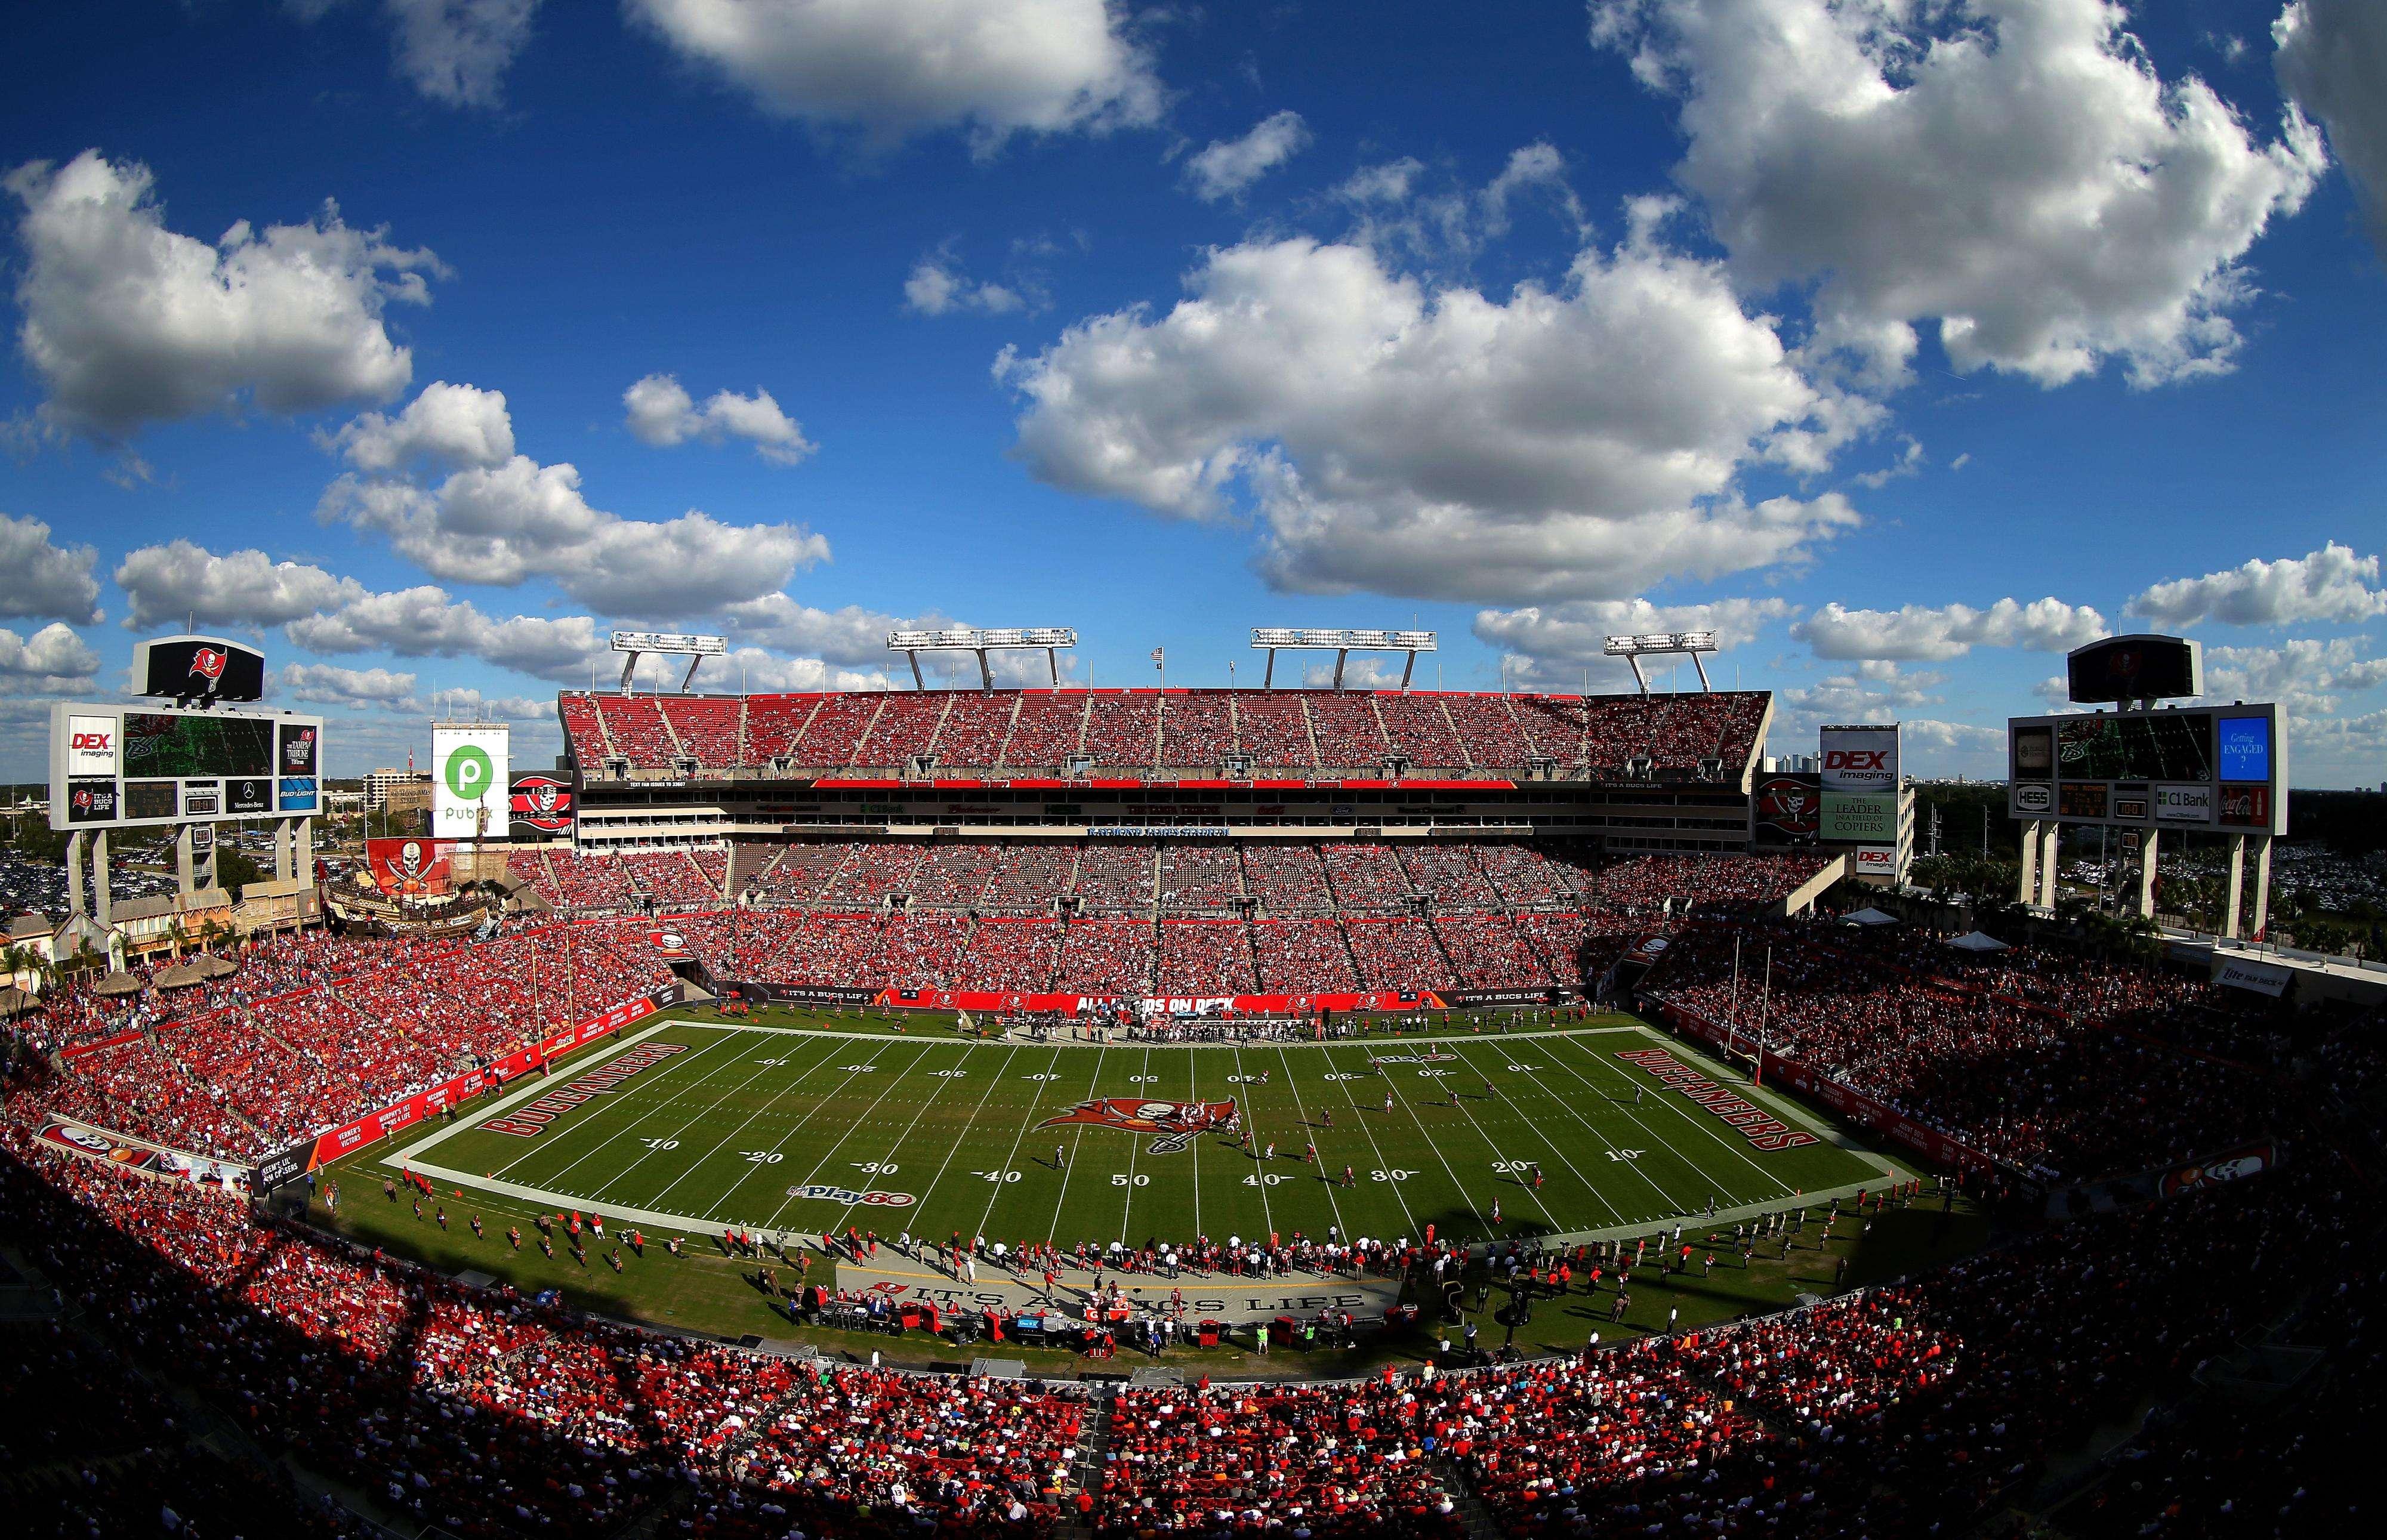 El estadio Raymond James Stadium de Tampa Bay fue el lugar en donde cayeron los relámpagos Foto: Gettyimages